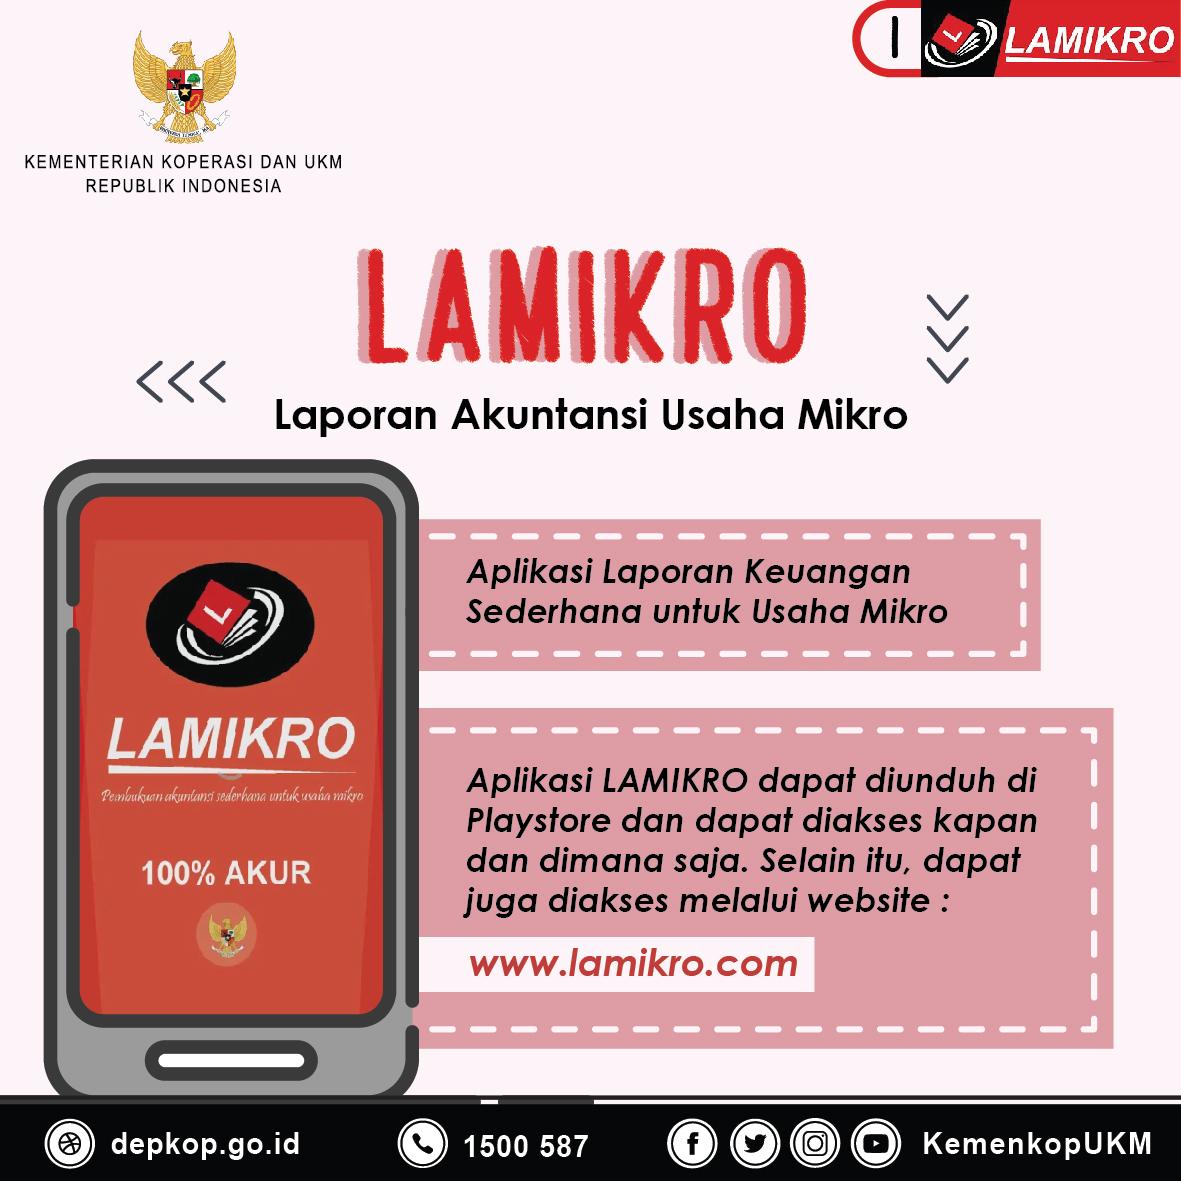 Lamikro, Aplikasi Laporan Keuangan Sederhana Untuk Usaha Mikro